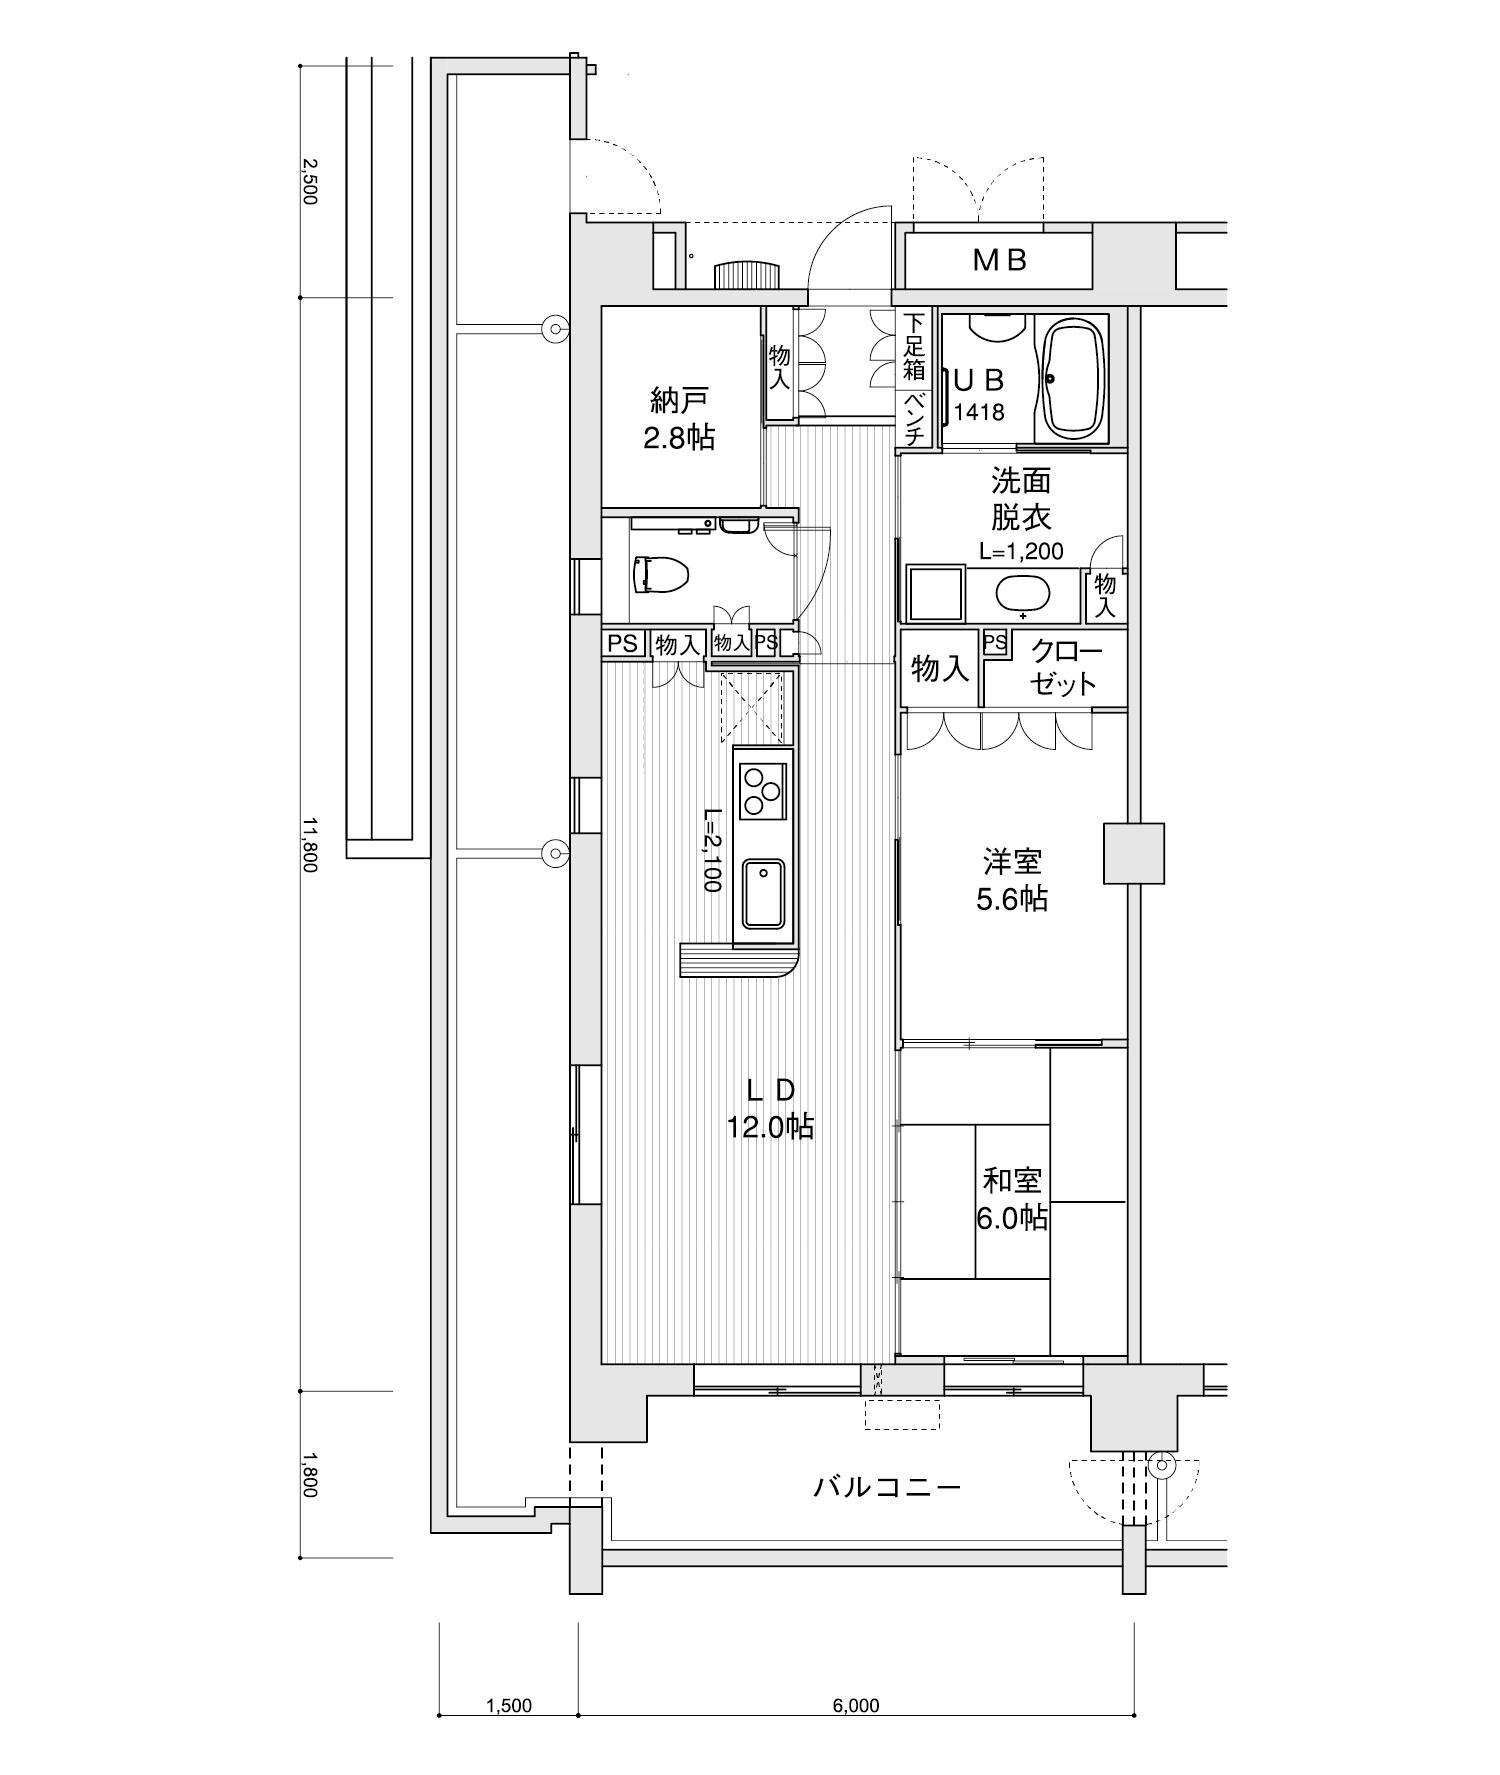 601-E12LDK+納戸専有面積 / 70.80m²